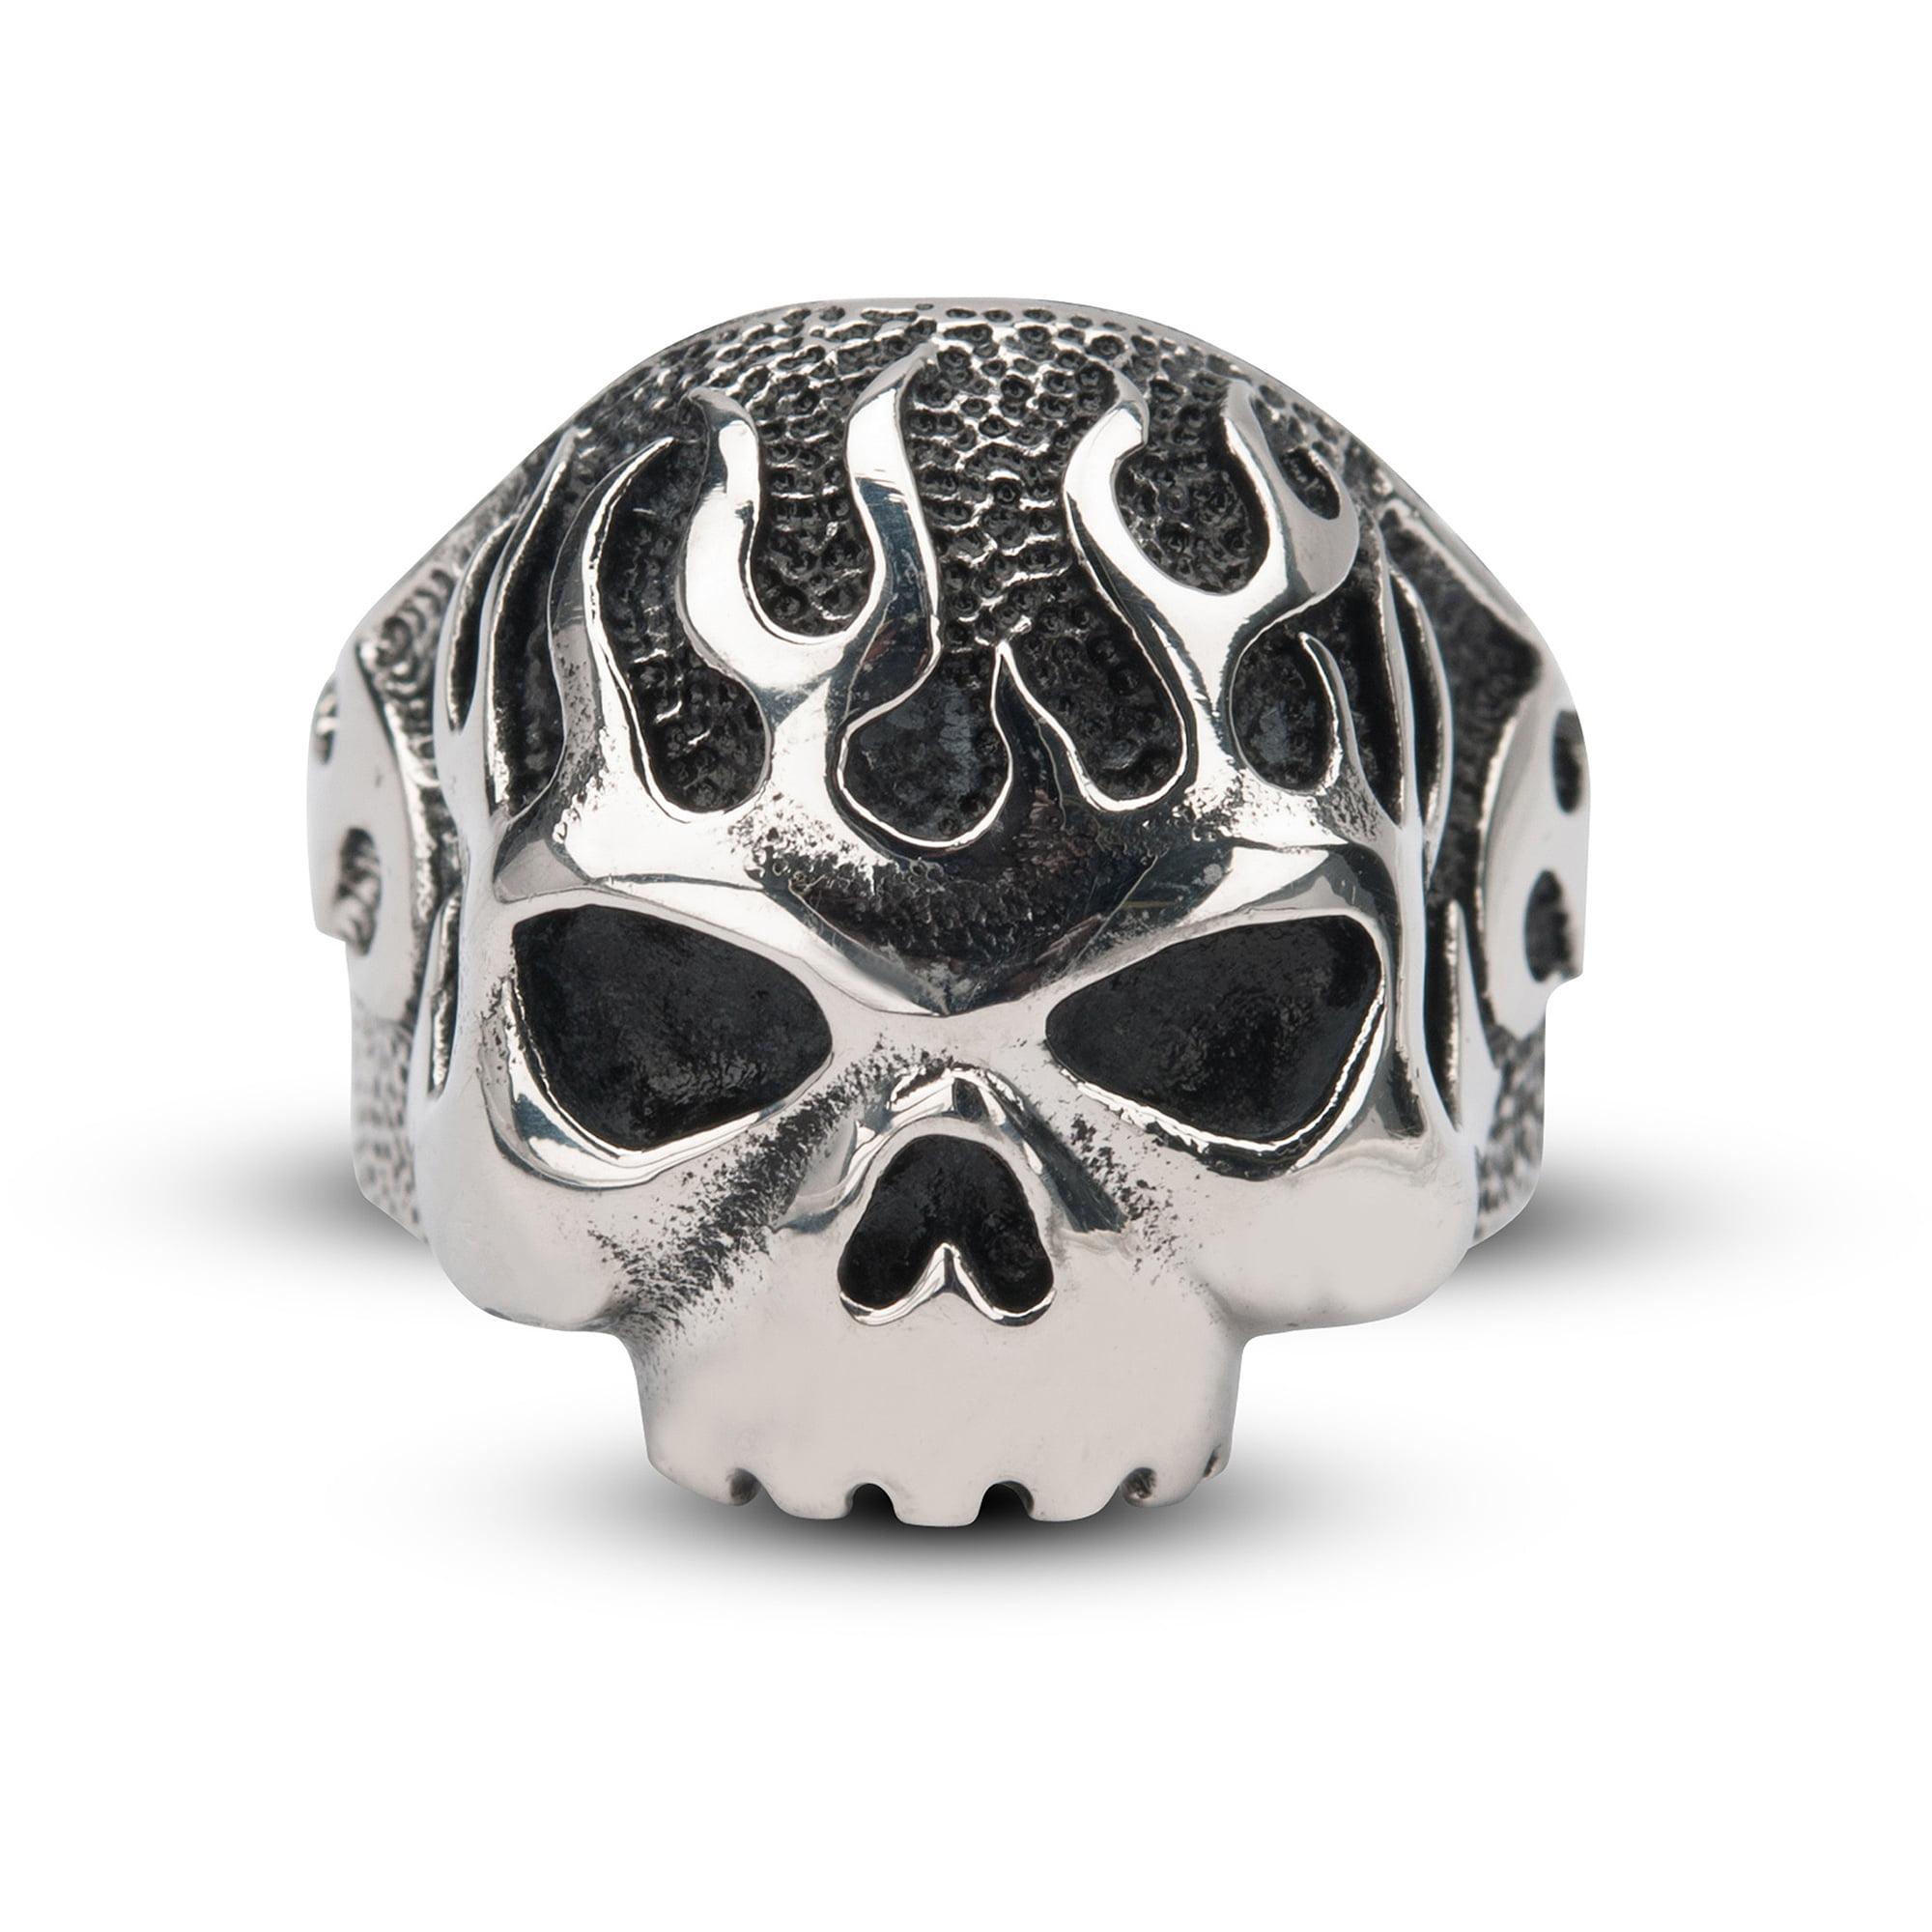 Steel Art Men's Sovereign Steel Black Oxidized Flamed Skull Ring